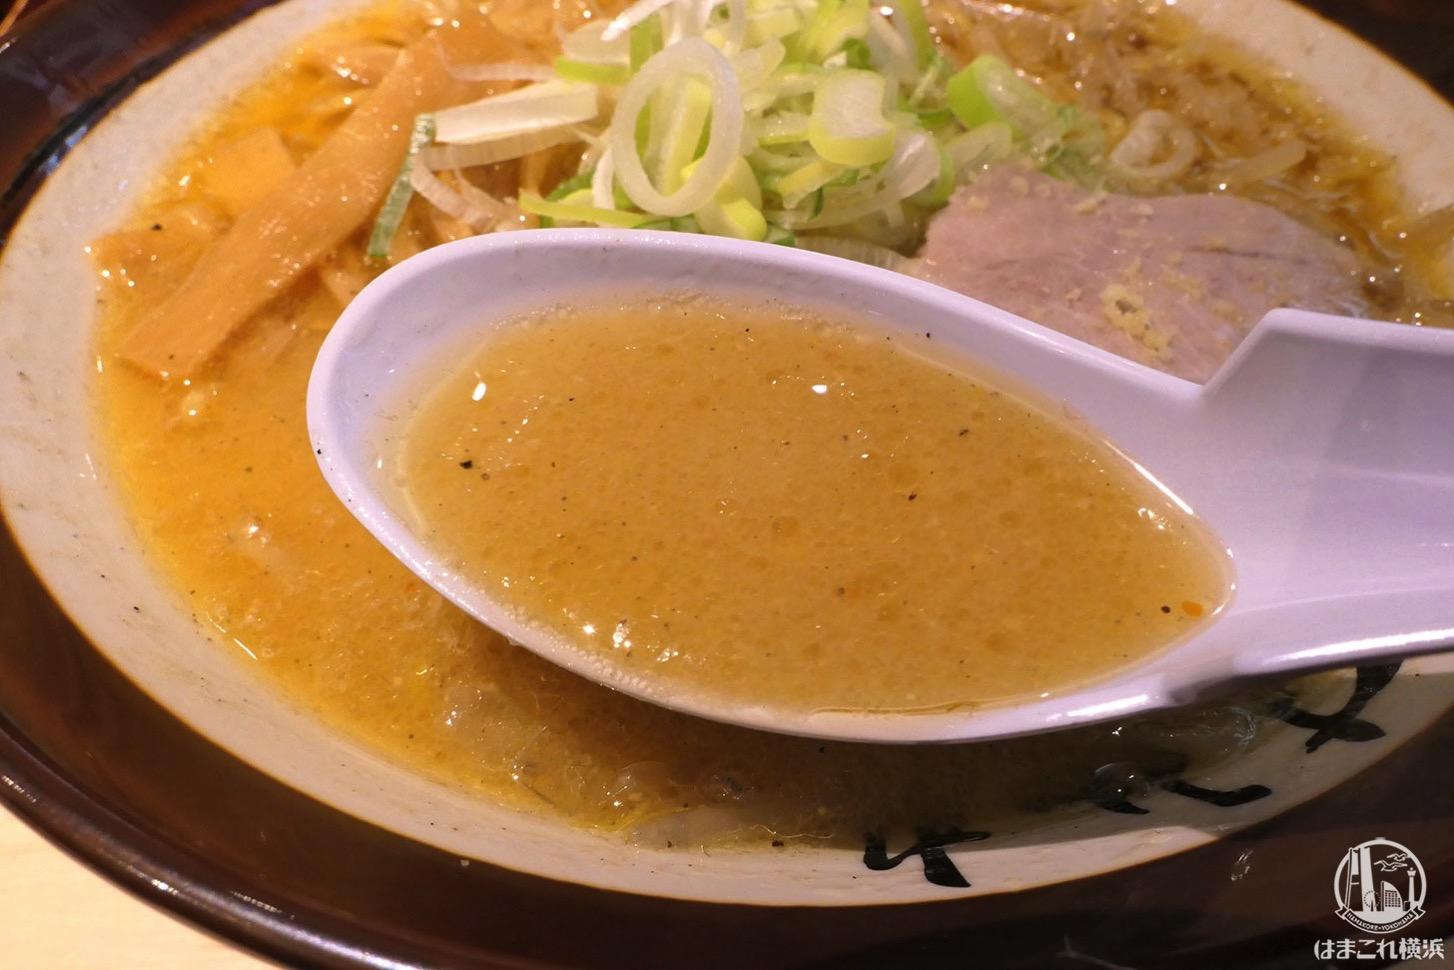 すみれ 横浜店 味噌ラーメン スープ